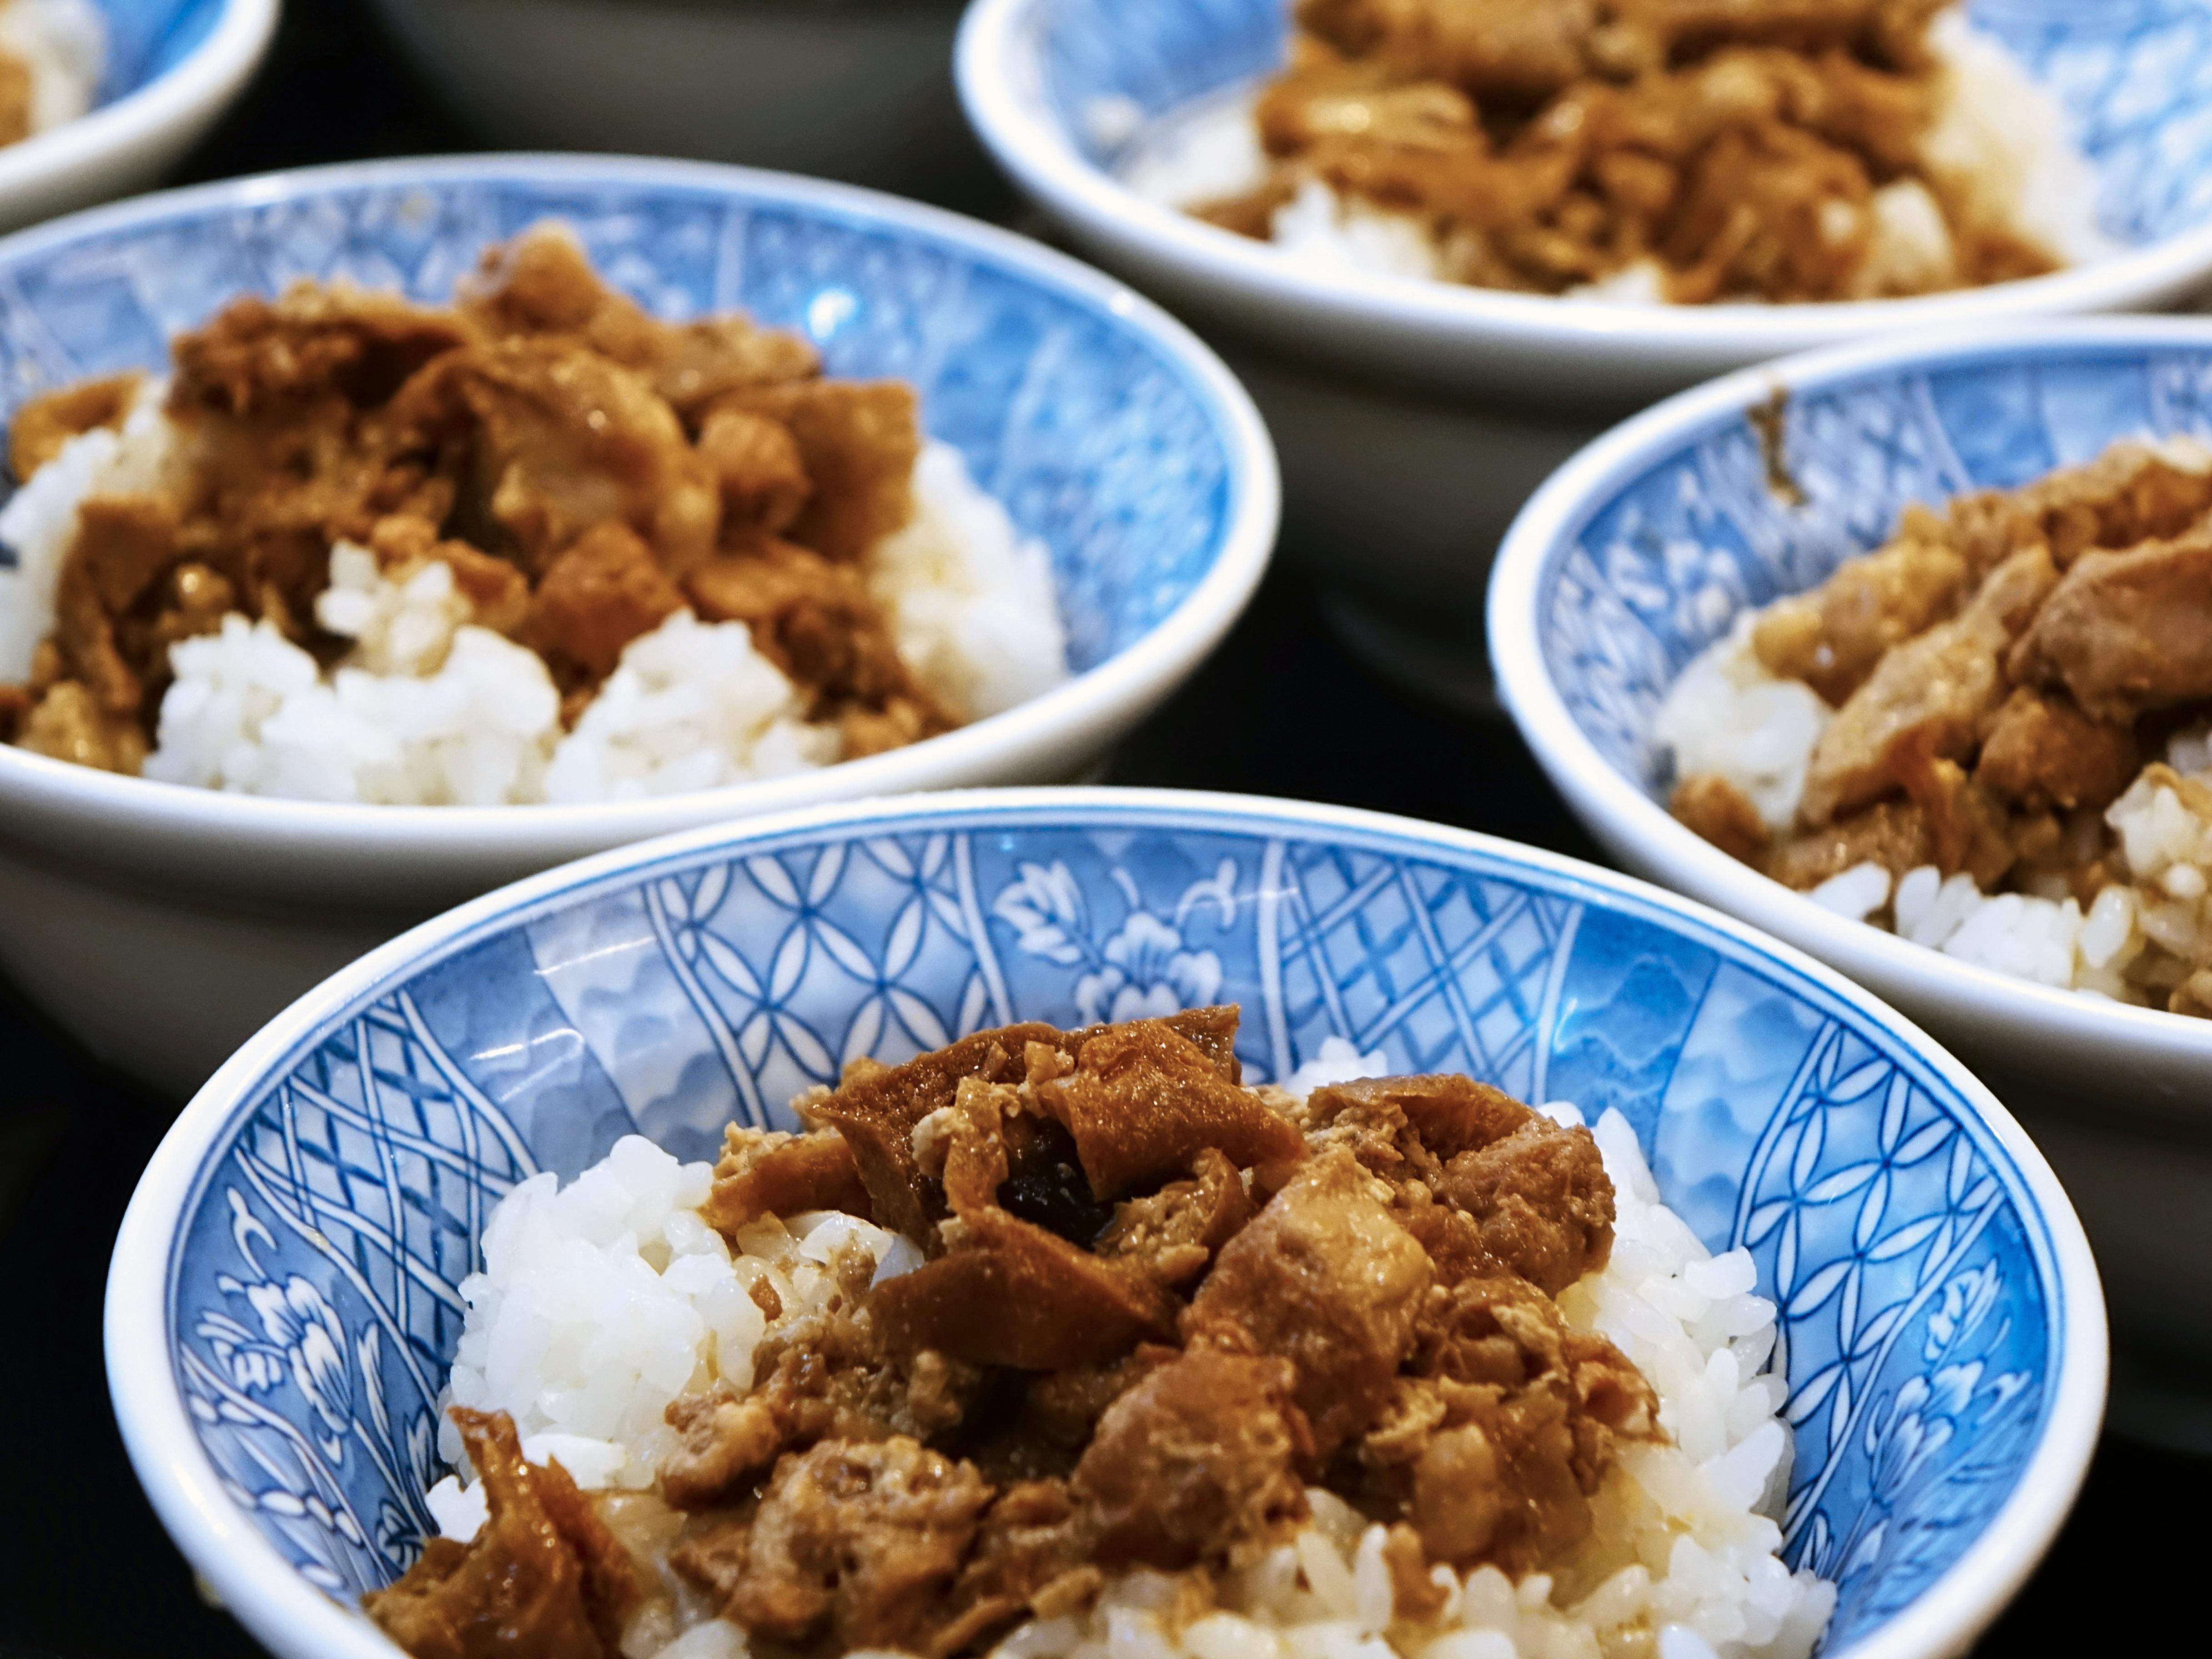 Kostenlose foto : asiatisch, Schüssel, Gericht, Mahlzeit ...